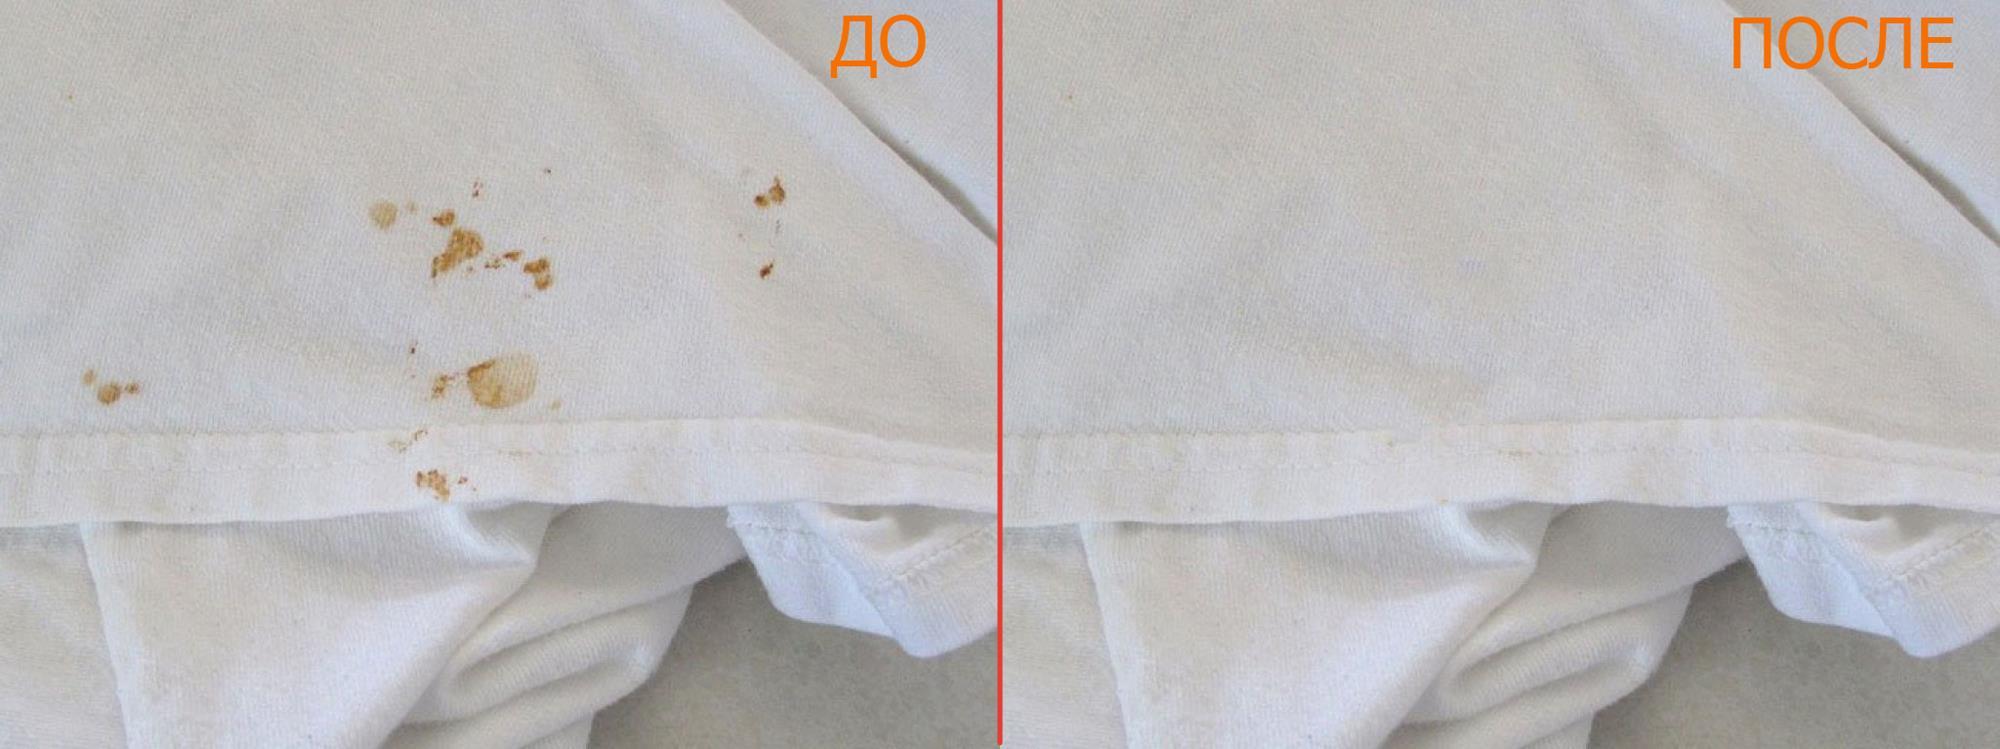 Как отбеливается нижнее белье в домашних условиях